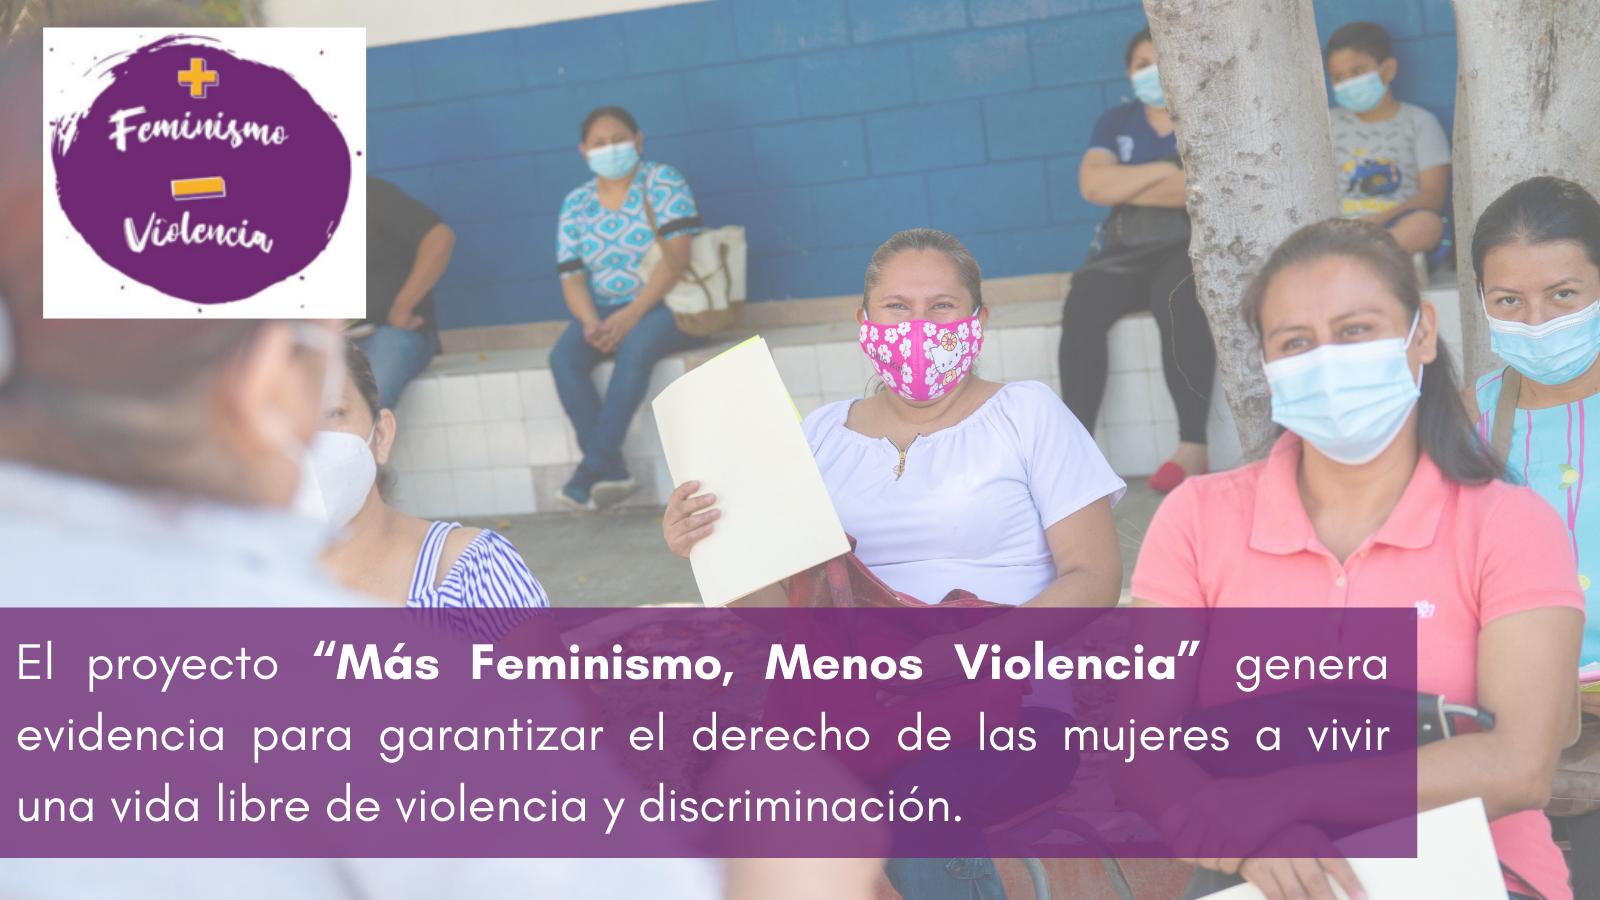 """El proyecto """"Más Feminismo, Menos Violencia"""" genera evidencia para garantizar el derecho de las mujeres a vivir una vida libre de violencia y discriminación."""